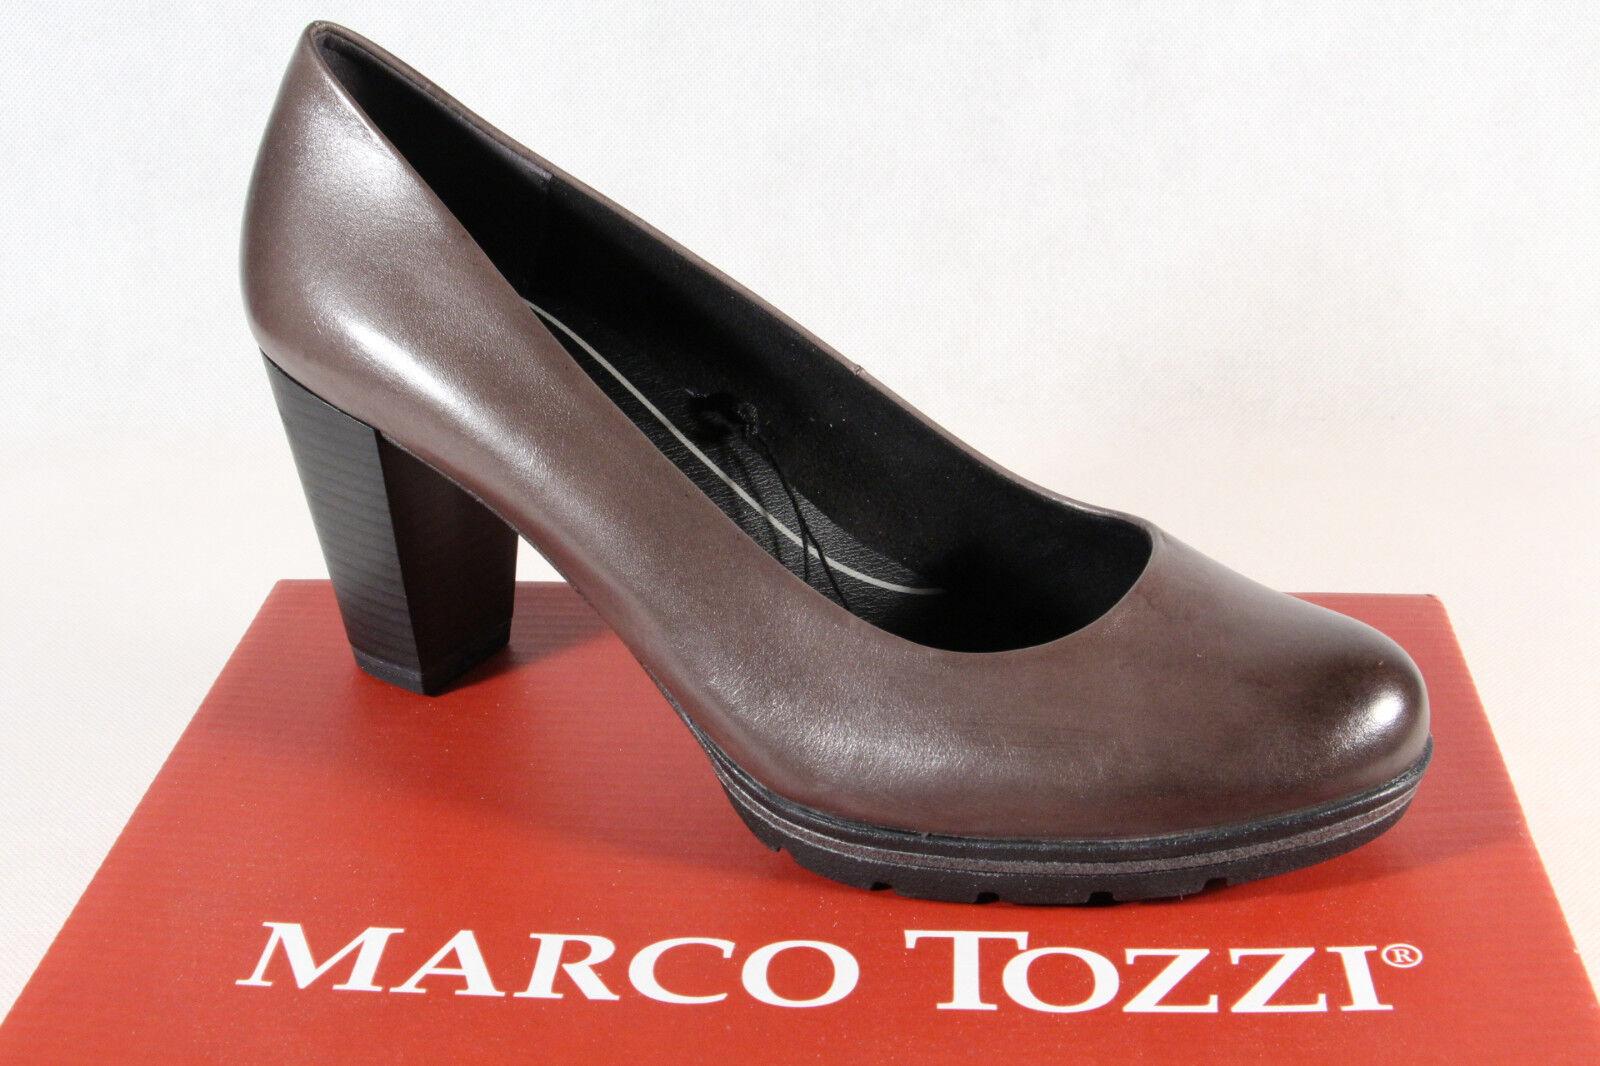 consegna gratuita e veloce disponibile Marco Tozzi Décolleté Pantofola Pantofola Pantofola Mocassino Grigio Feel Me Soletta pelle Nuovo  alta quaità